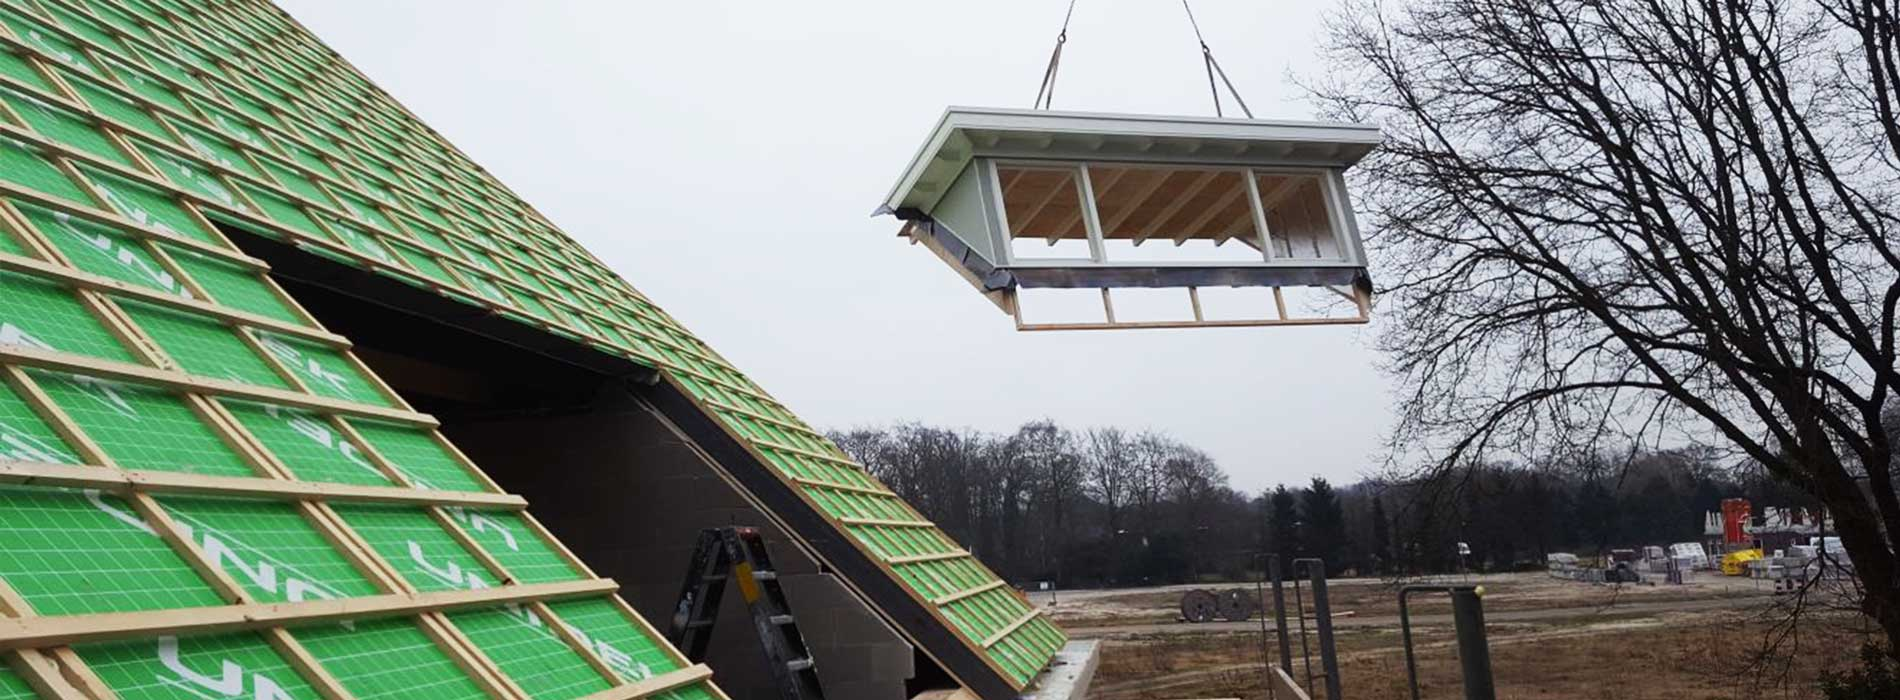 prefab dakkapel gemaakt in machinale timmerfabriek van aannemersbedrijf Wielink uit elburg